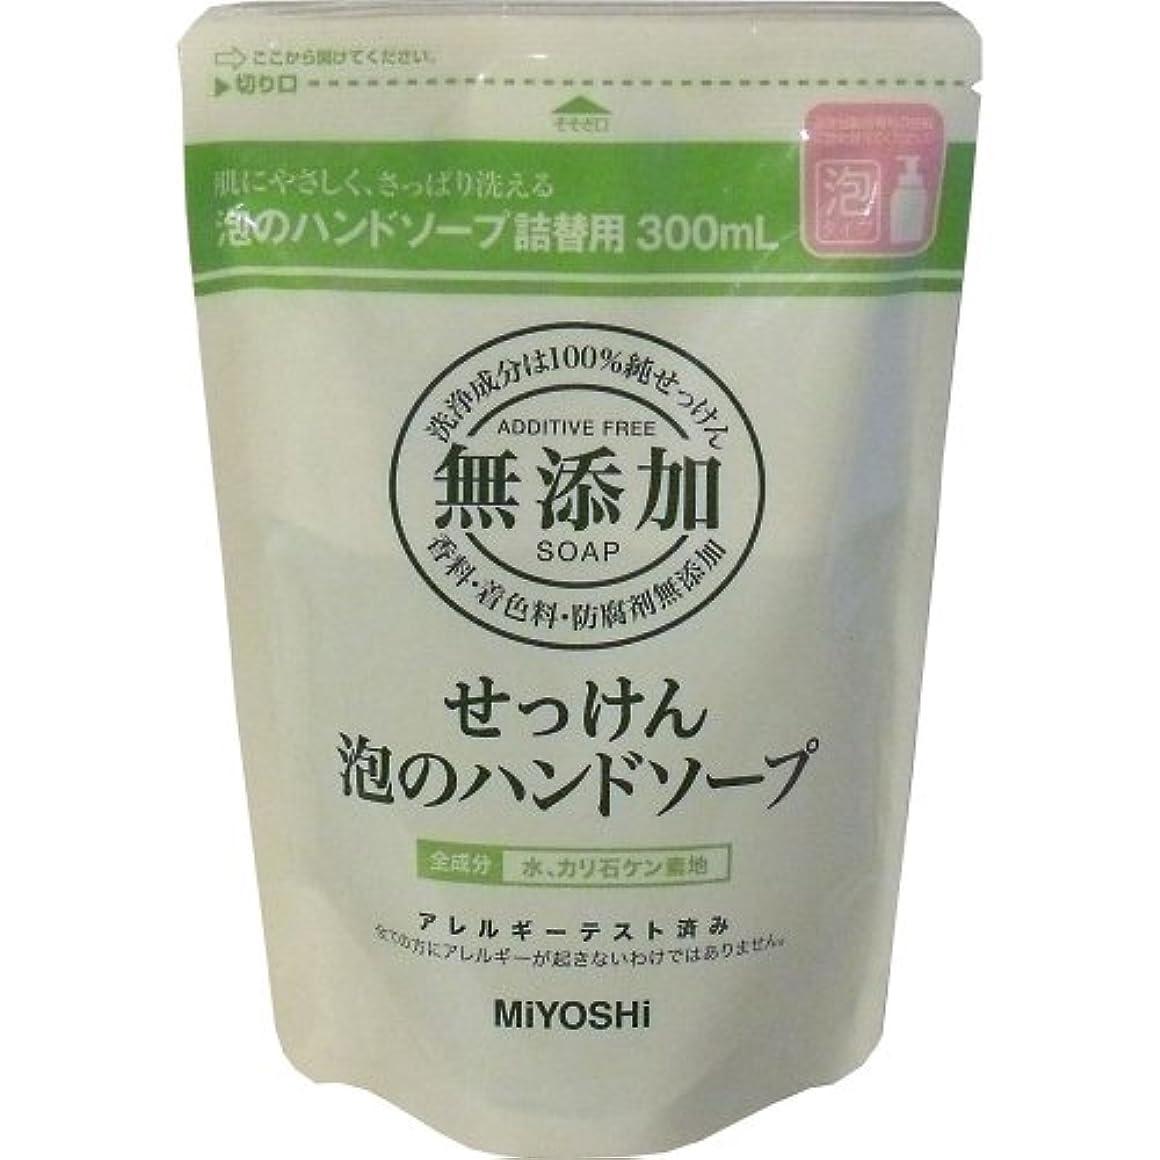 バス科学イサカミヨシ石鹸 無添加せっけん泡ハンドソープ 詰替用300ml×5